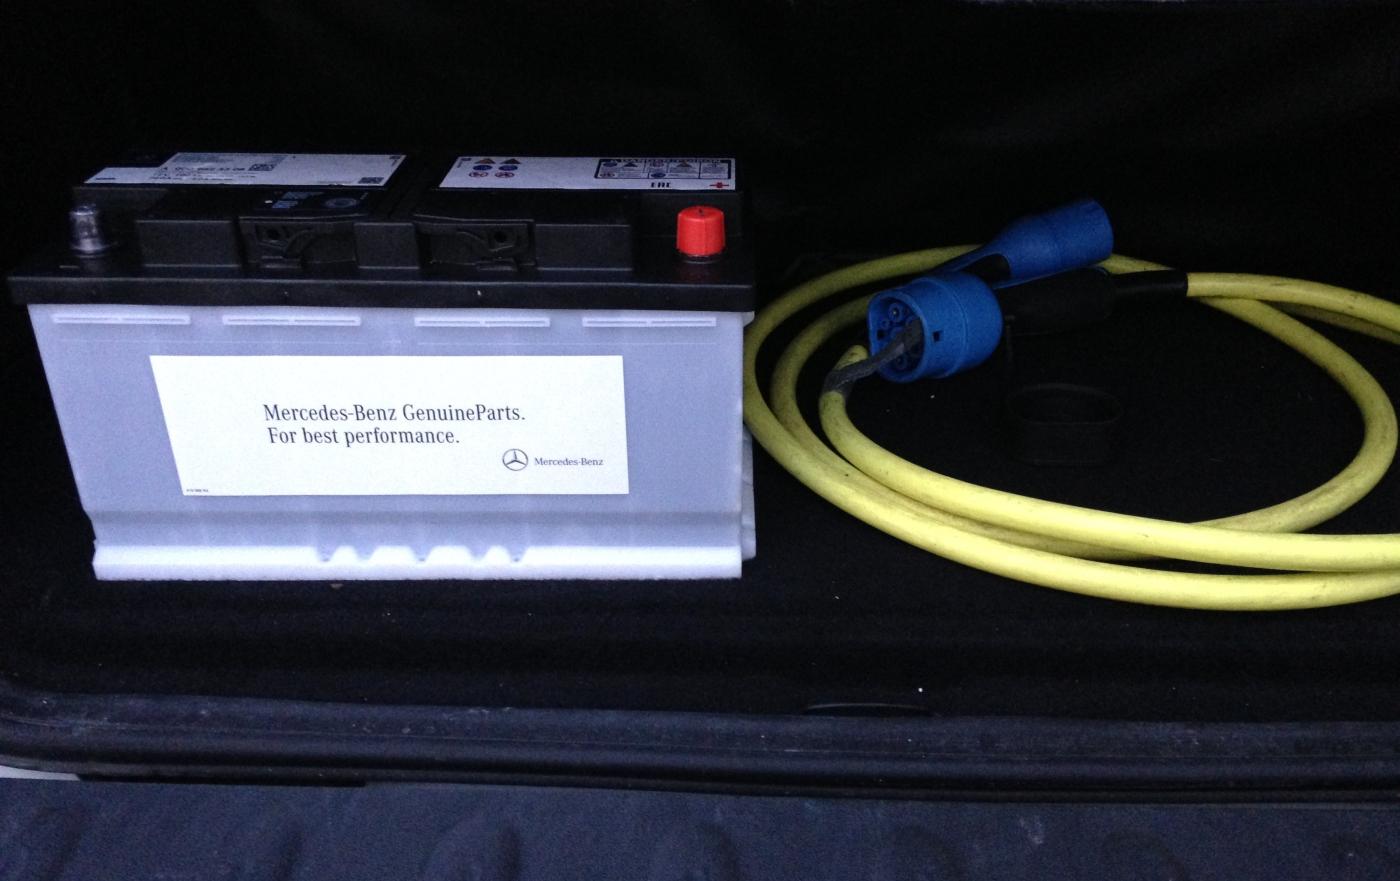 Bleibatterie und Ladekabel